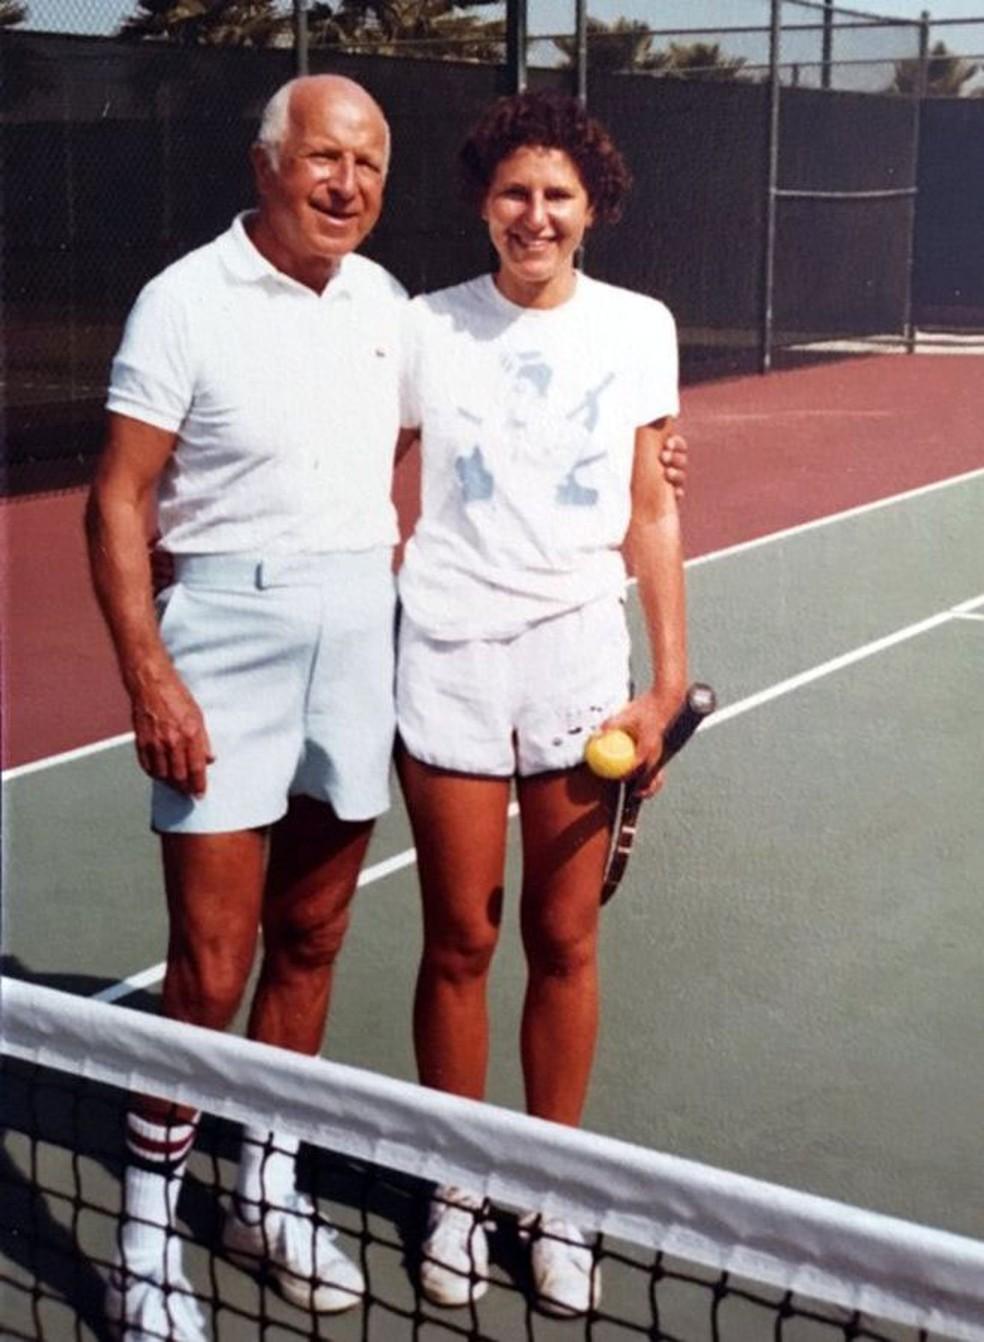 Maryann jogando tênis com o pai, em 1976 ou 1977, antes do acidente (Foto: Arquivo pessoal)